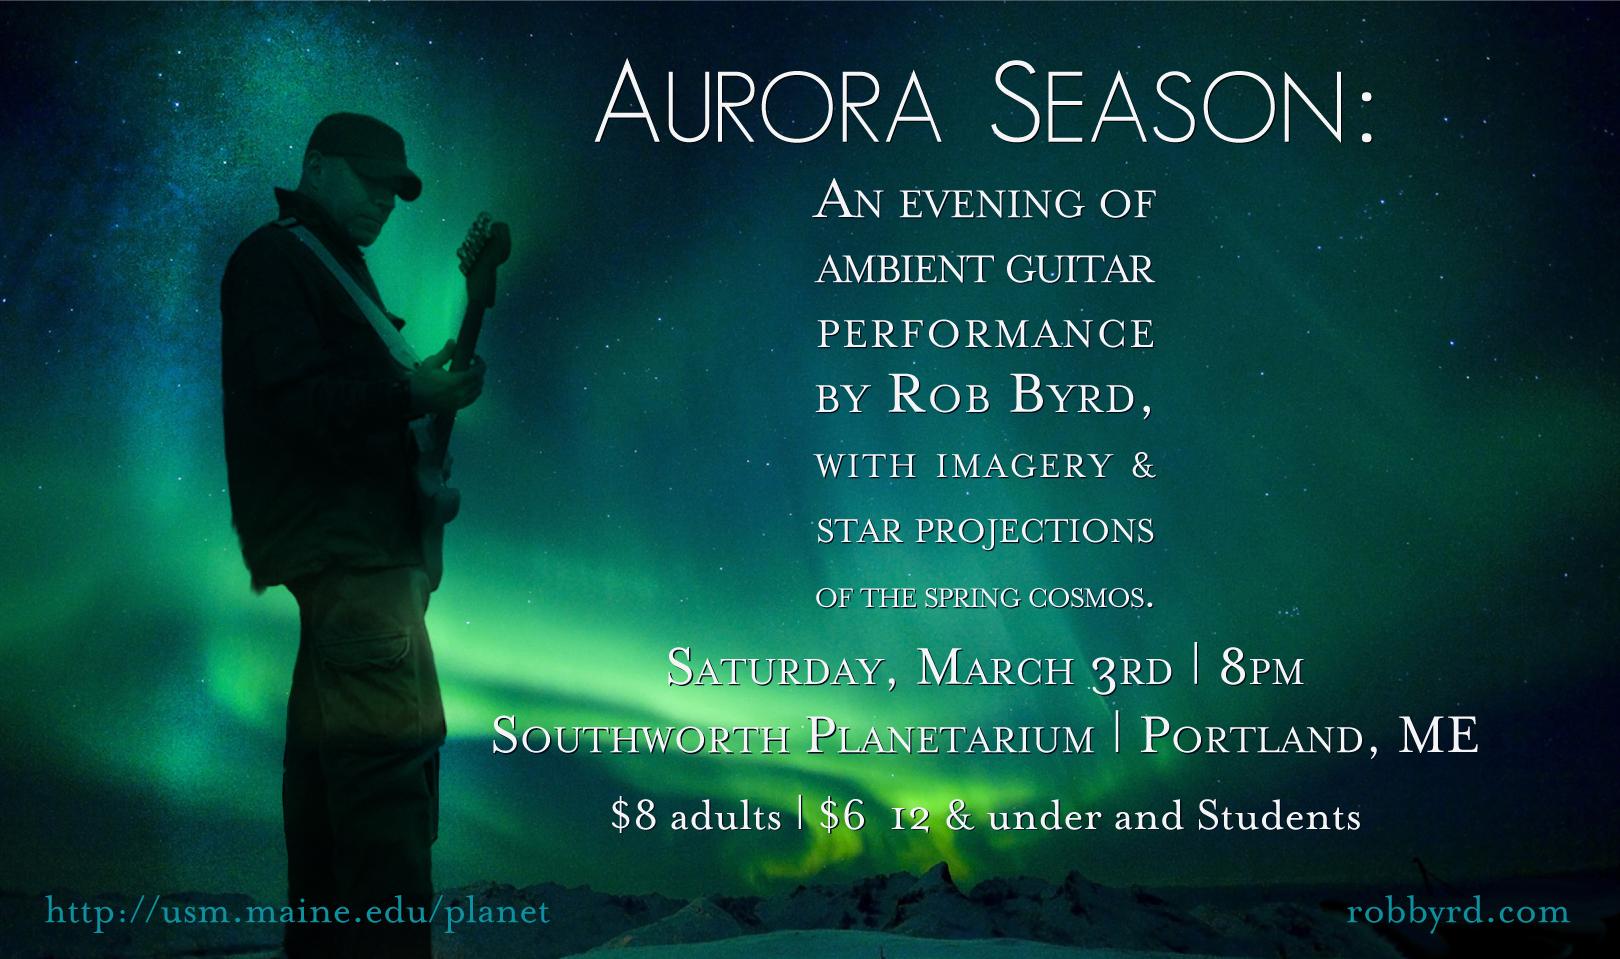 Rob Byrd Aurora Poster.jpg